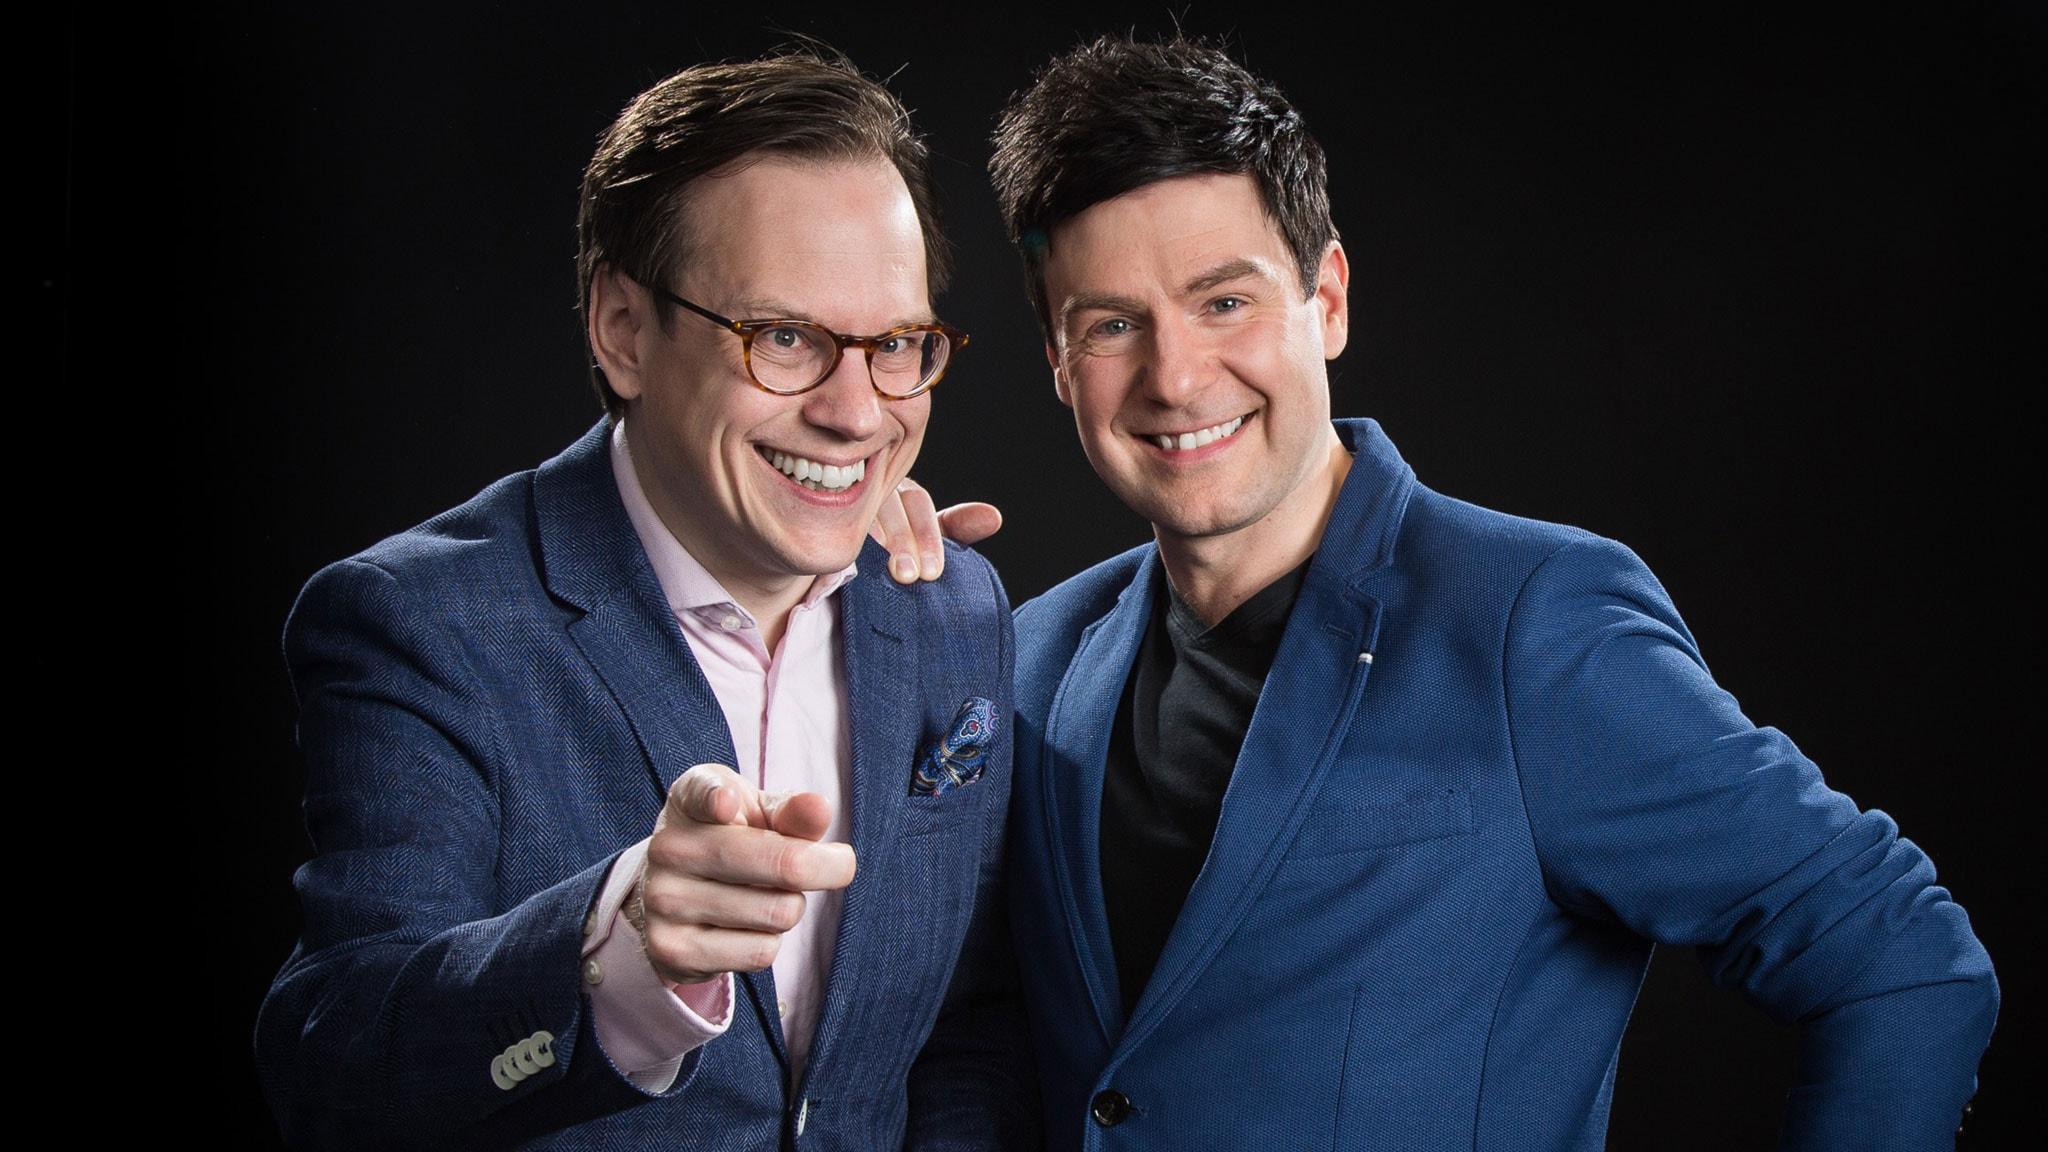 Thomas Deutgen och Thomas Lundin. Foto: Micke Grönberg/Sveriges Radio.